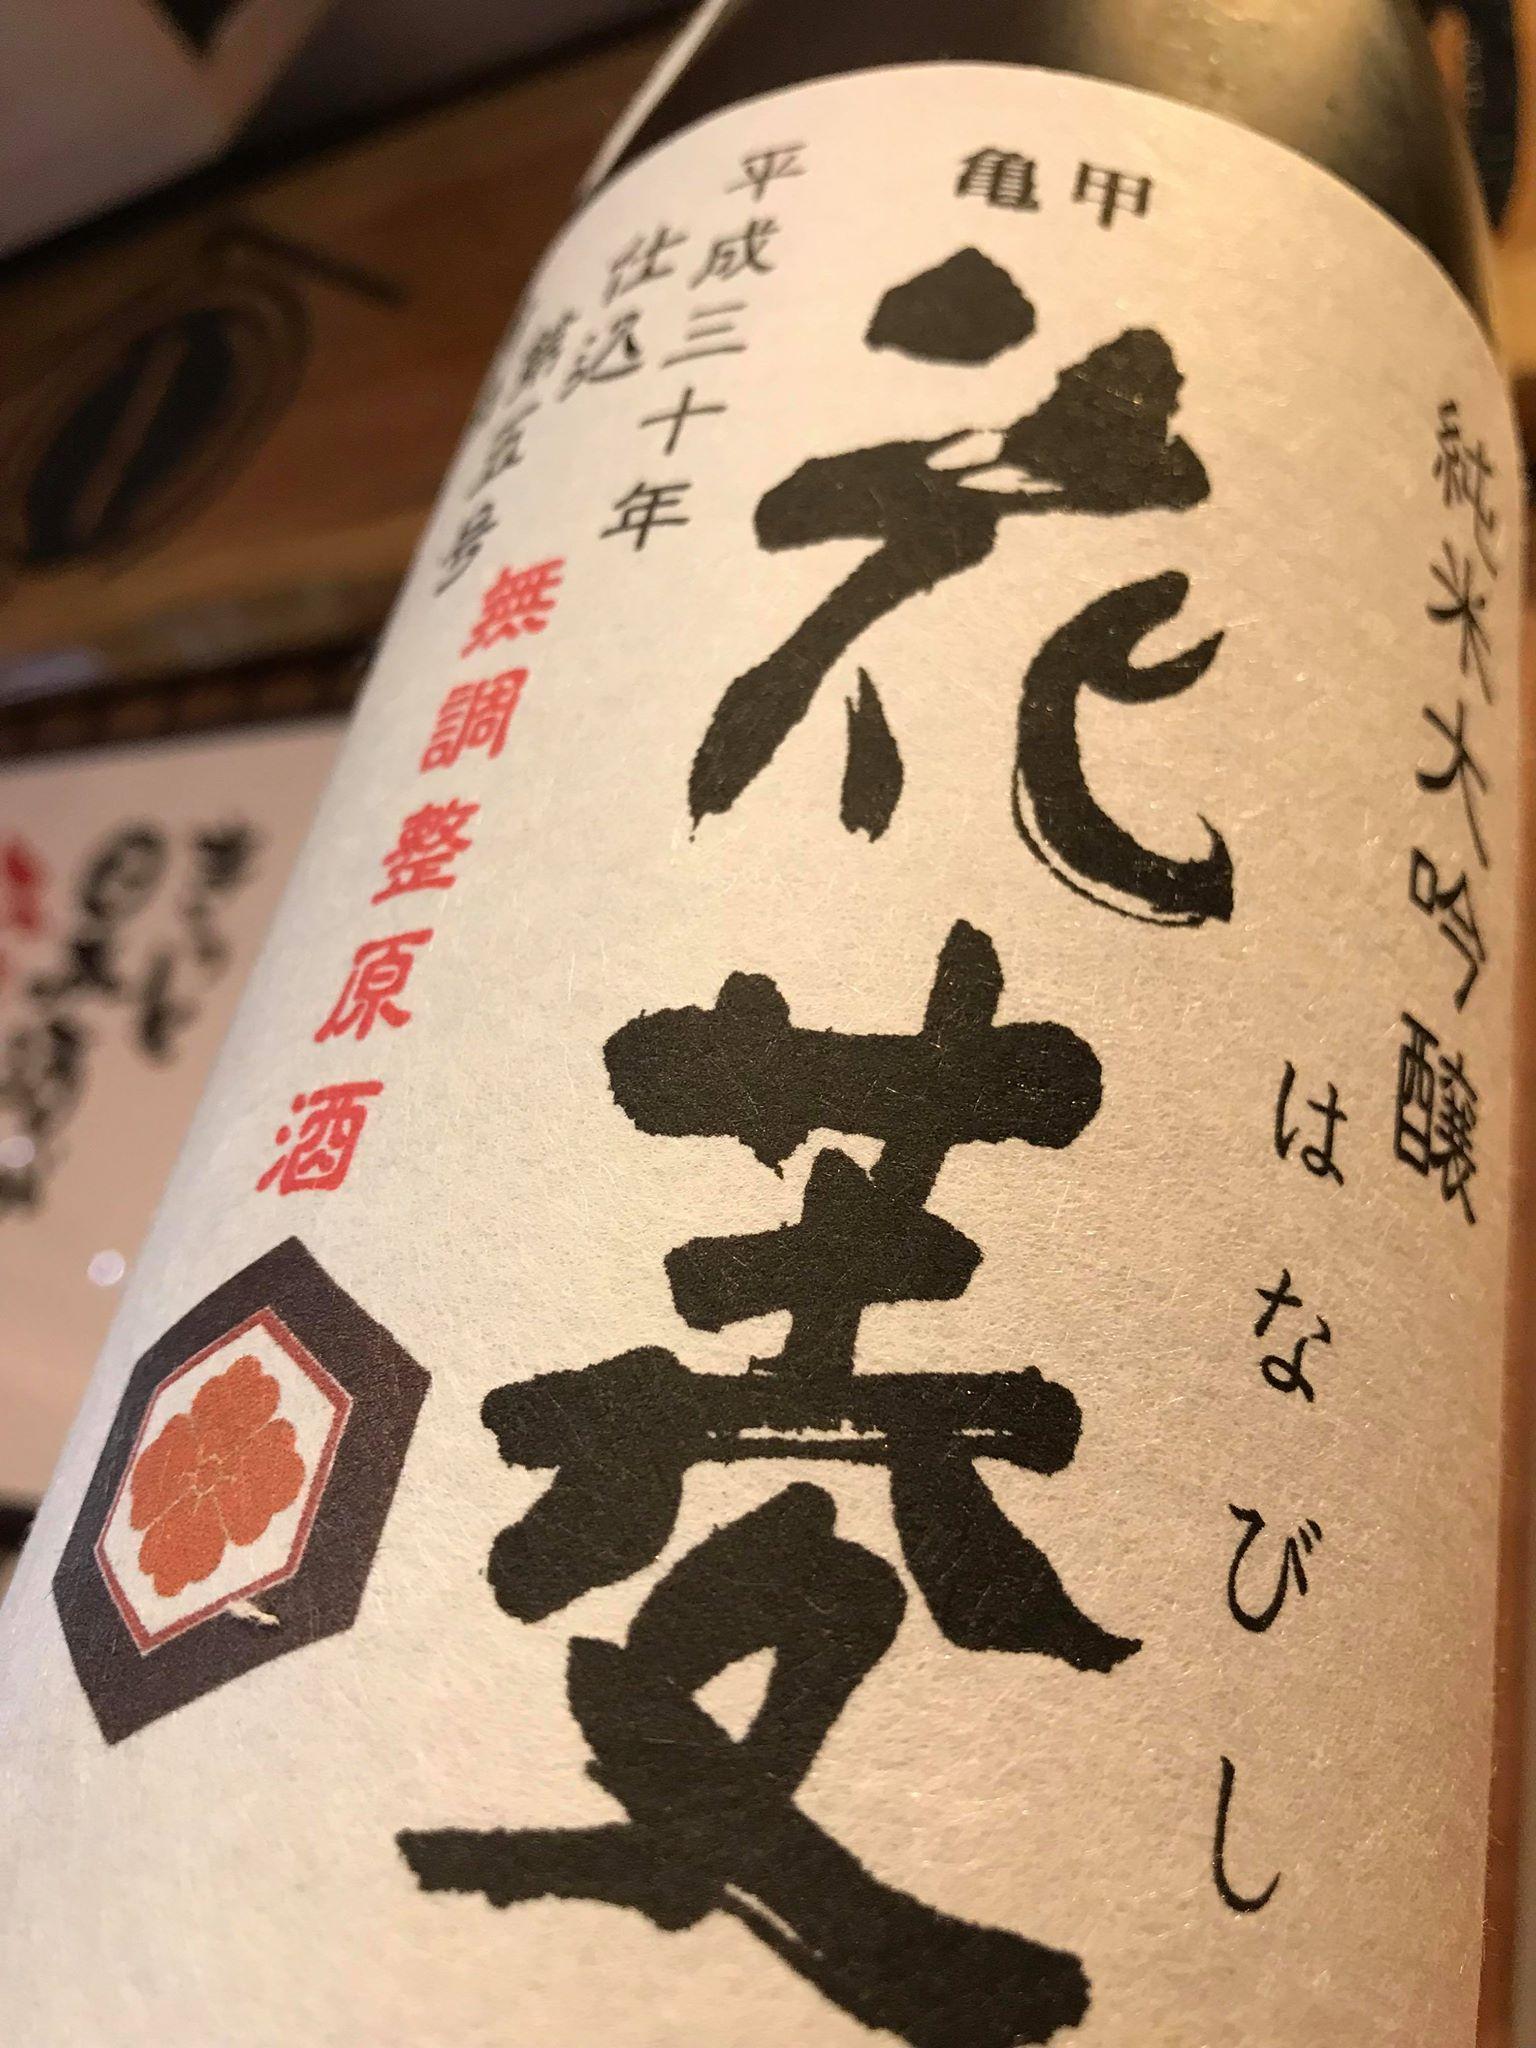 【日本酒】亀甲花菱 純米大吟醸 無調整生原酒 熟成本生SPver 限定 29BY_e0173738_1939538.jpg